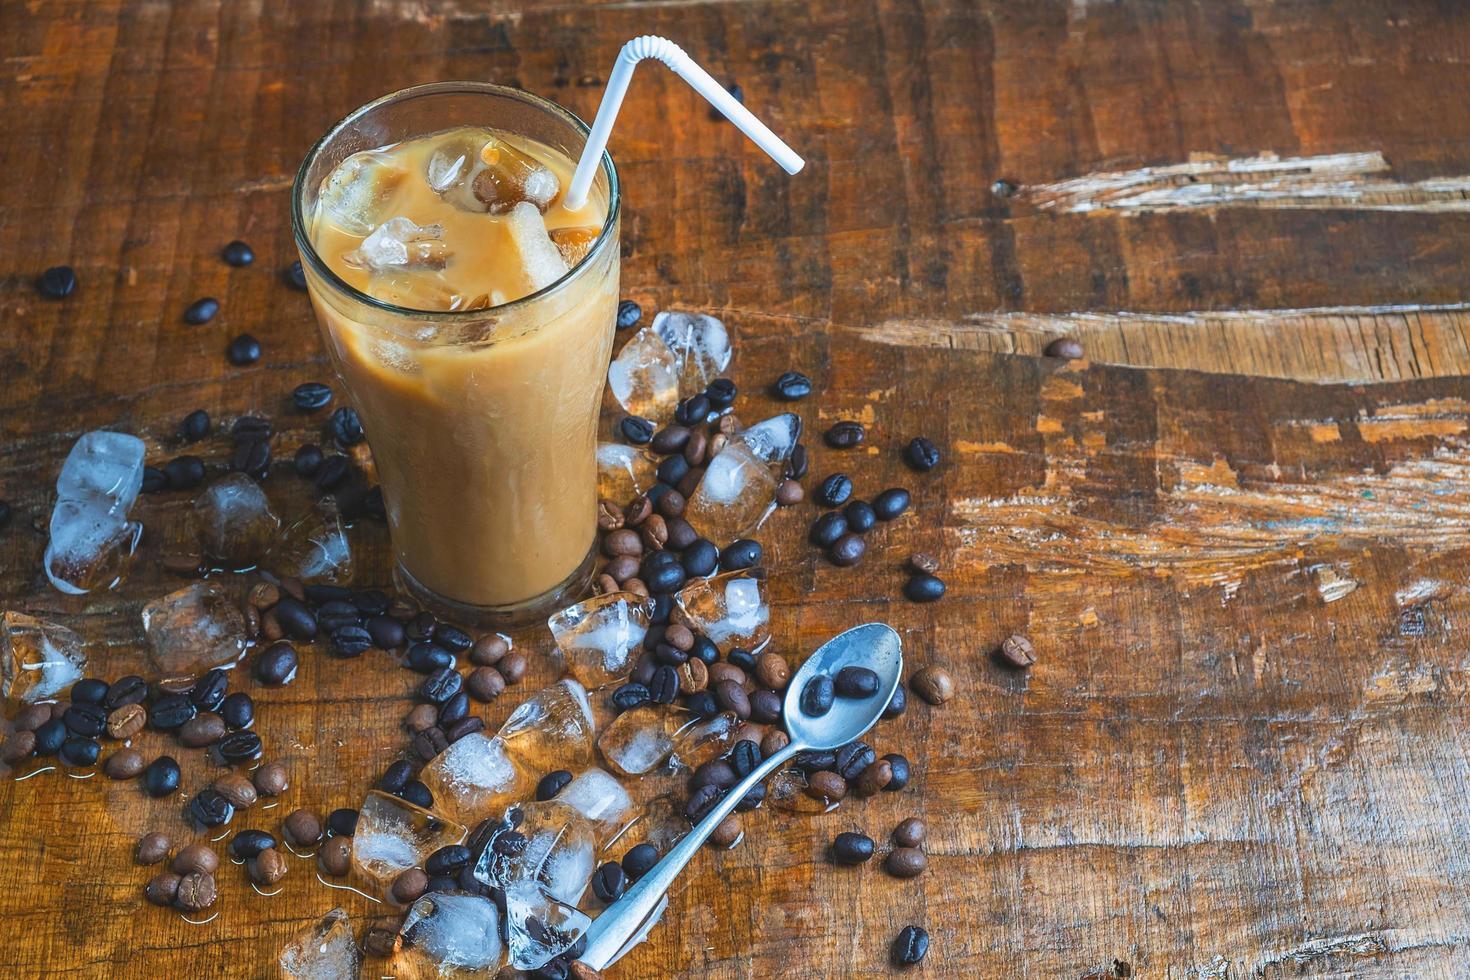 café helado en una mesa de madera foto